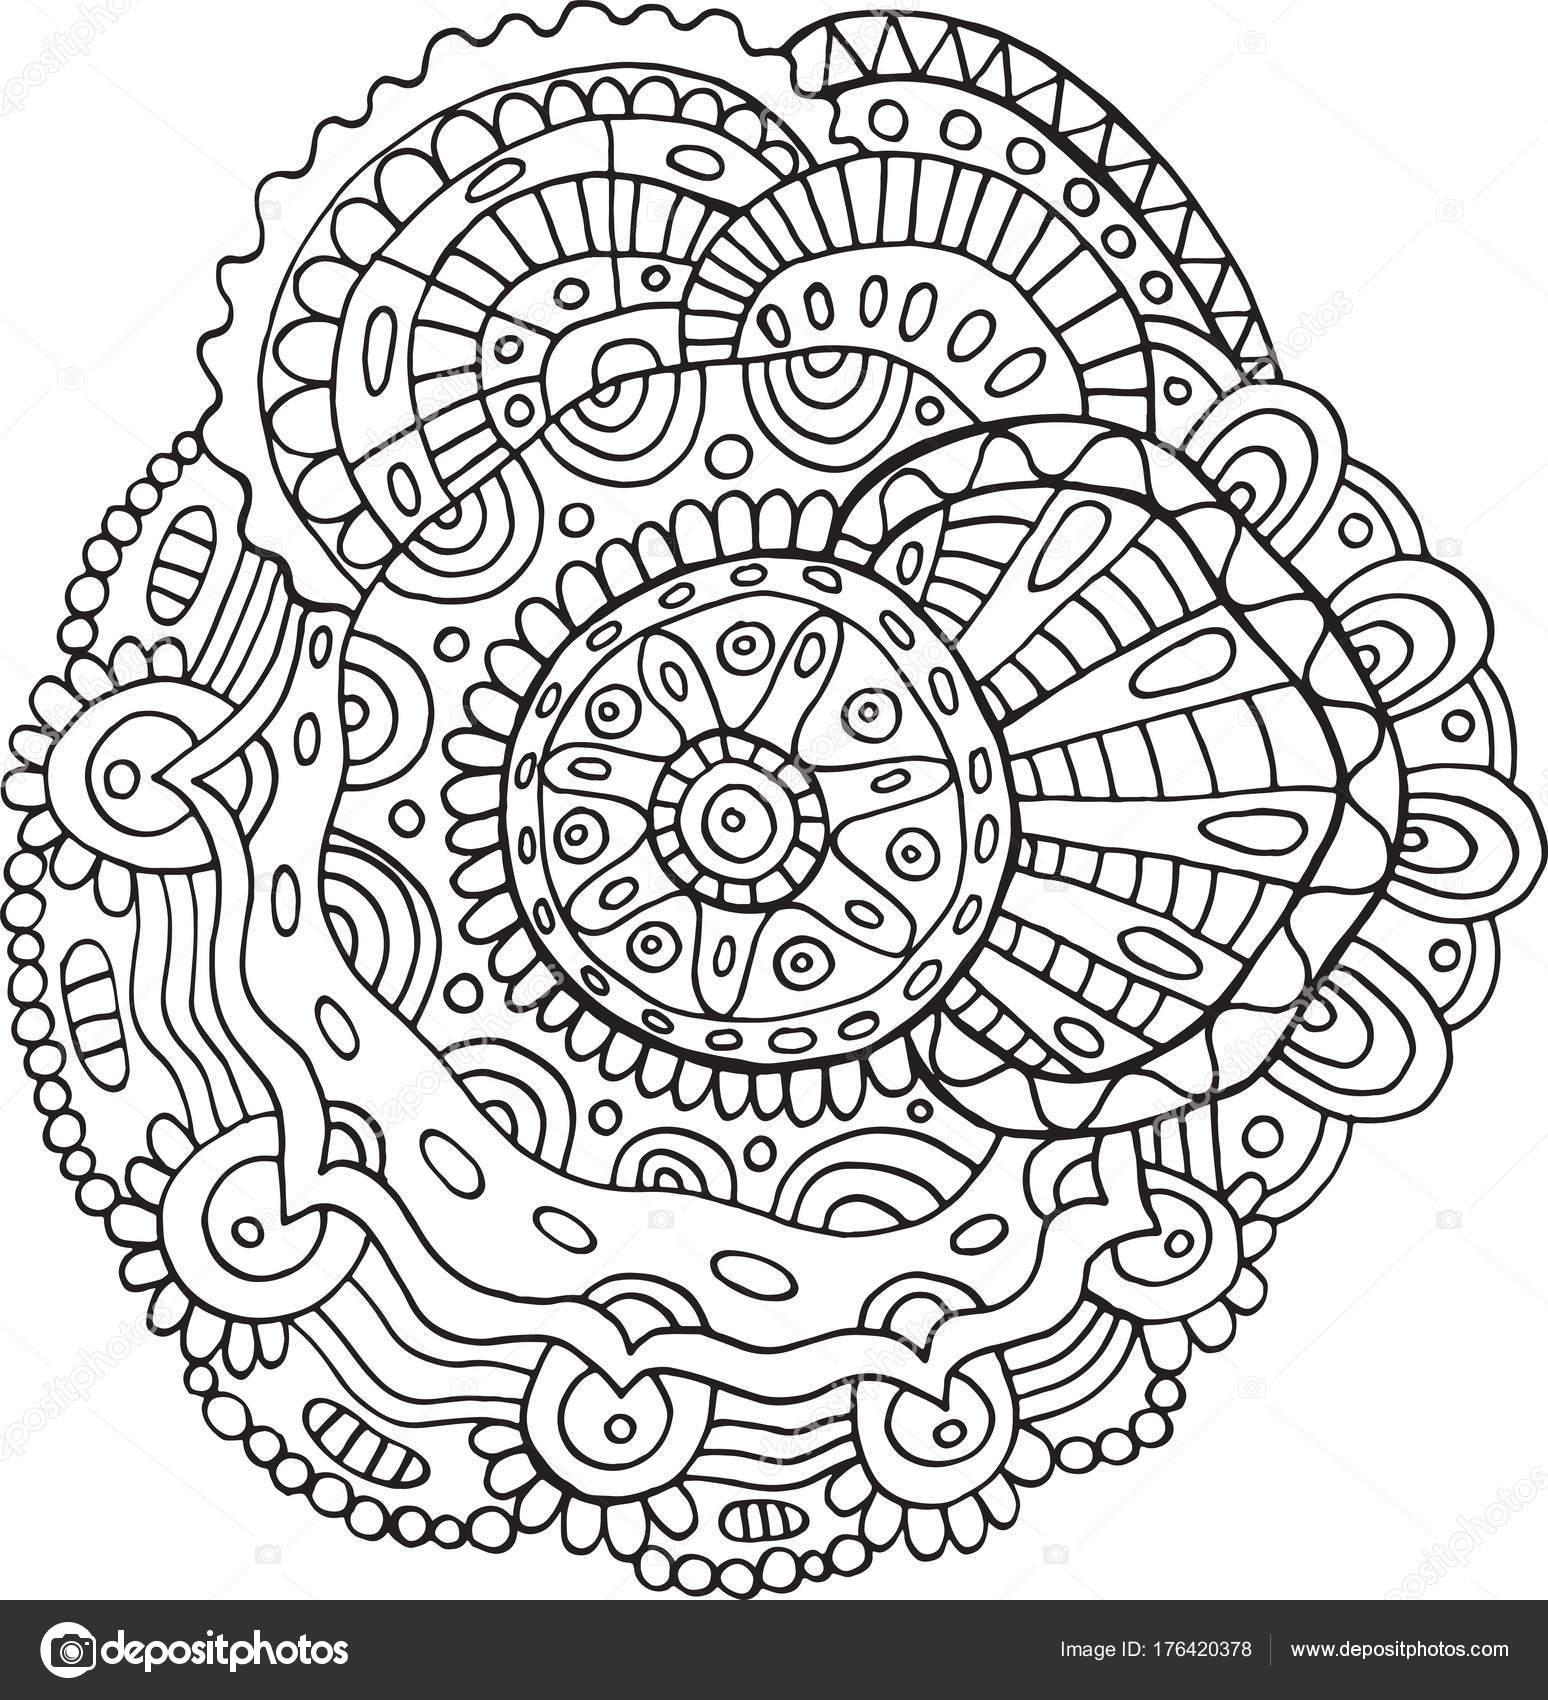 blume mandala  malvorlagen für erwachsene doodle vektor